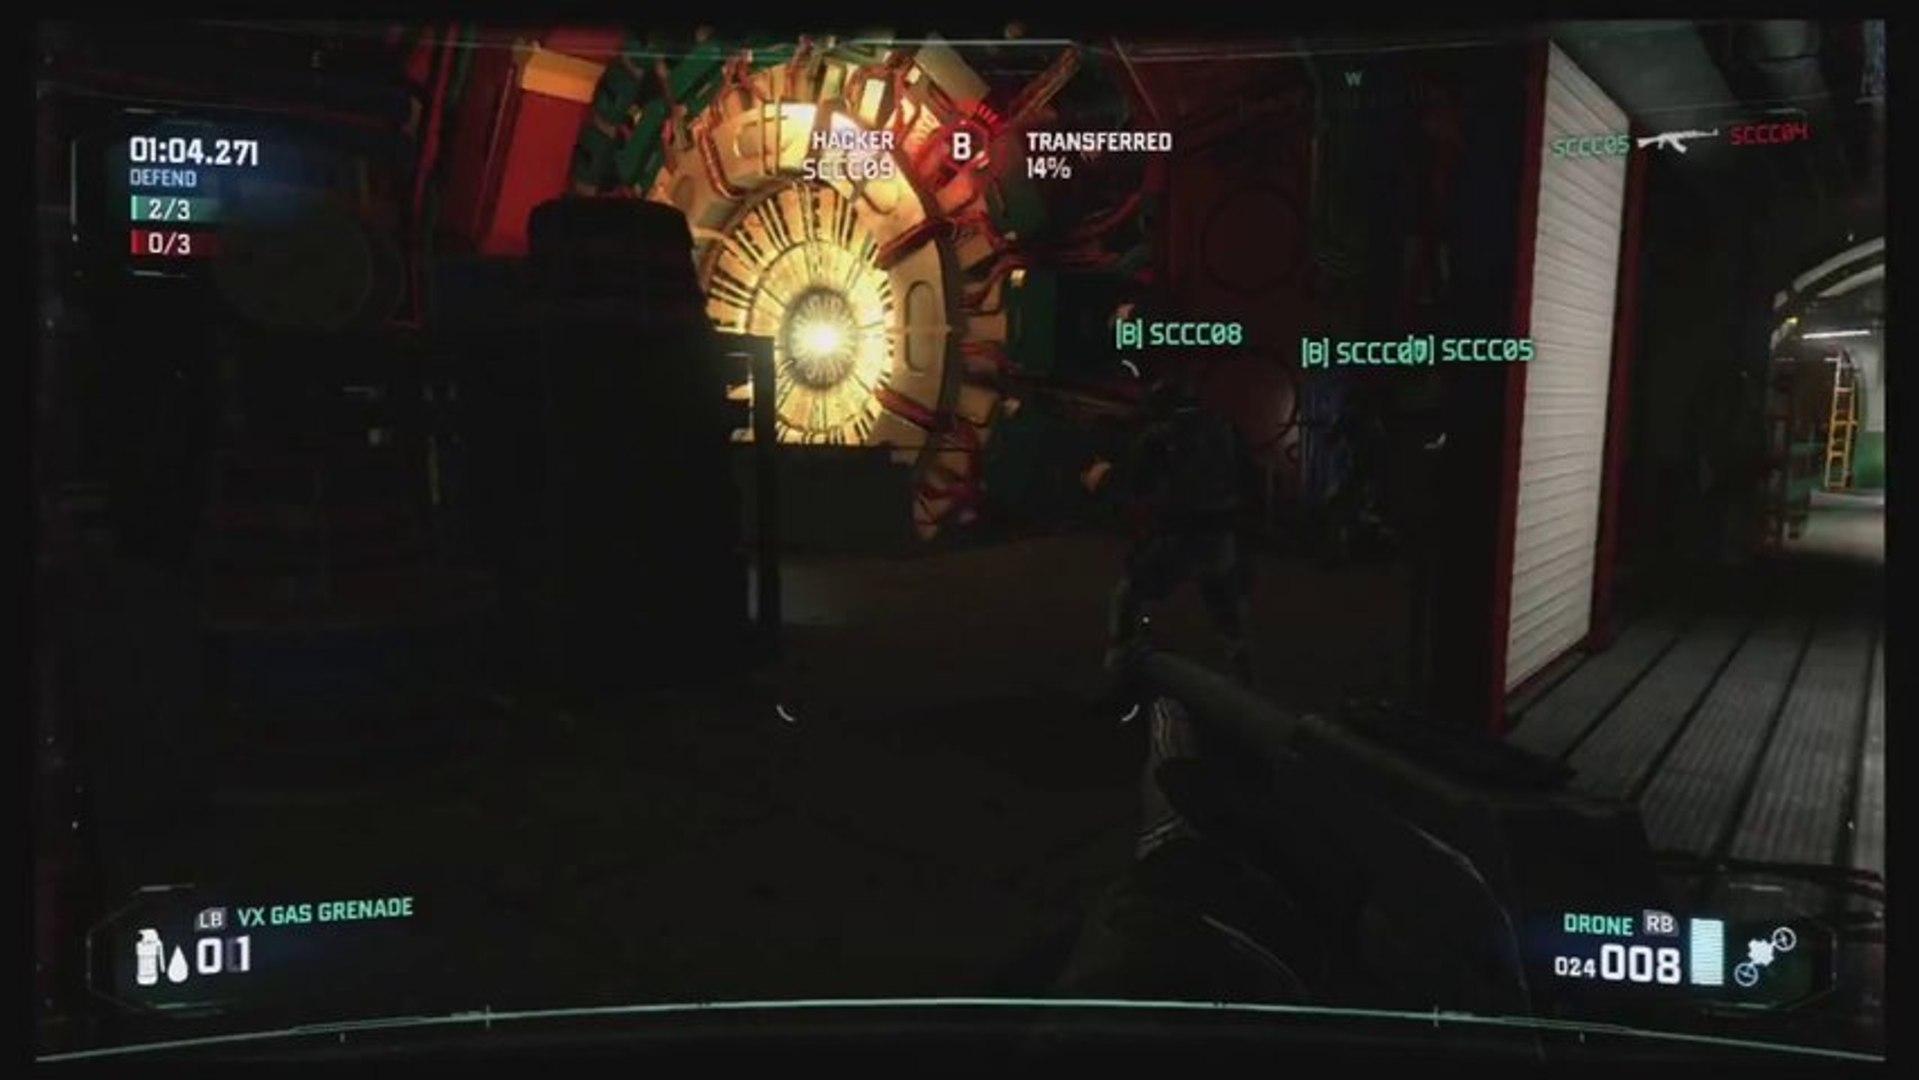 Splinter Cell: Blacklist - Spies vs. Mercs Blacklist Intro - Pt.2